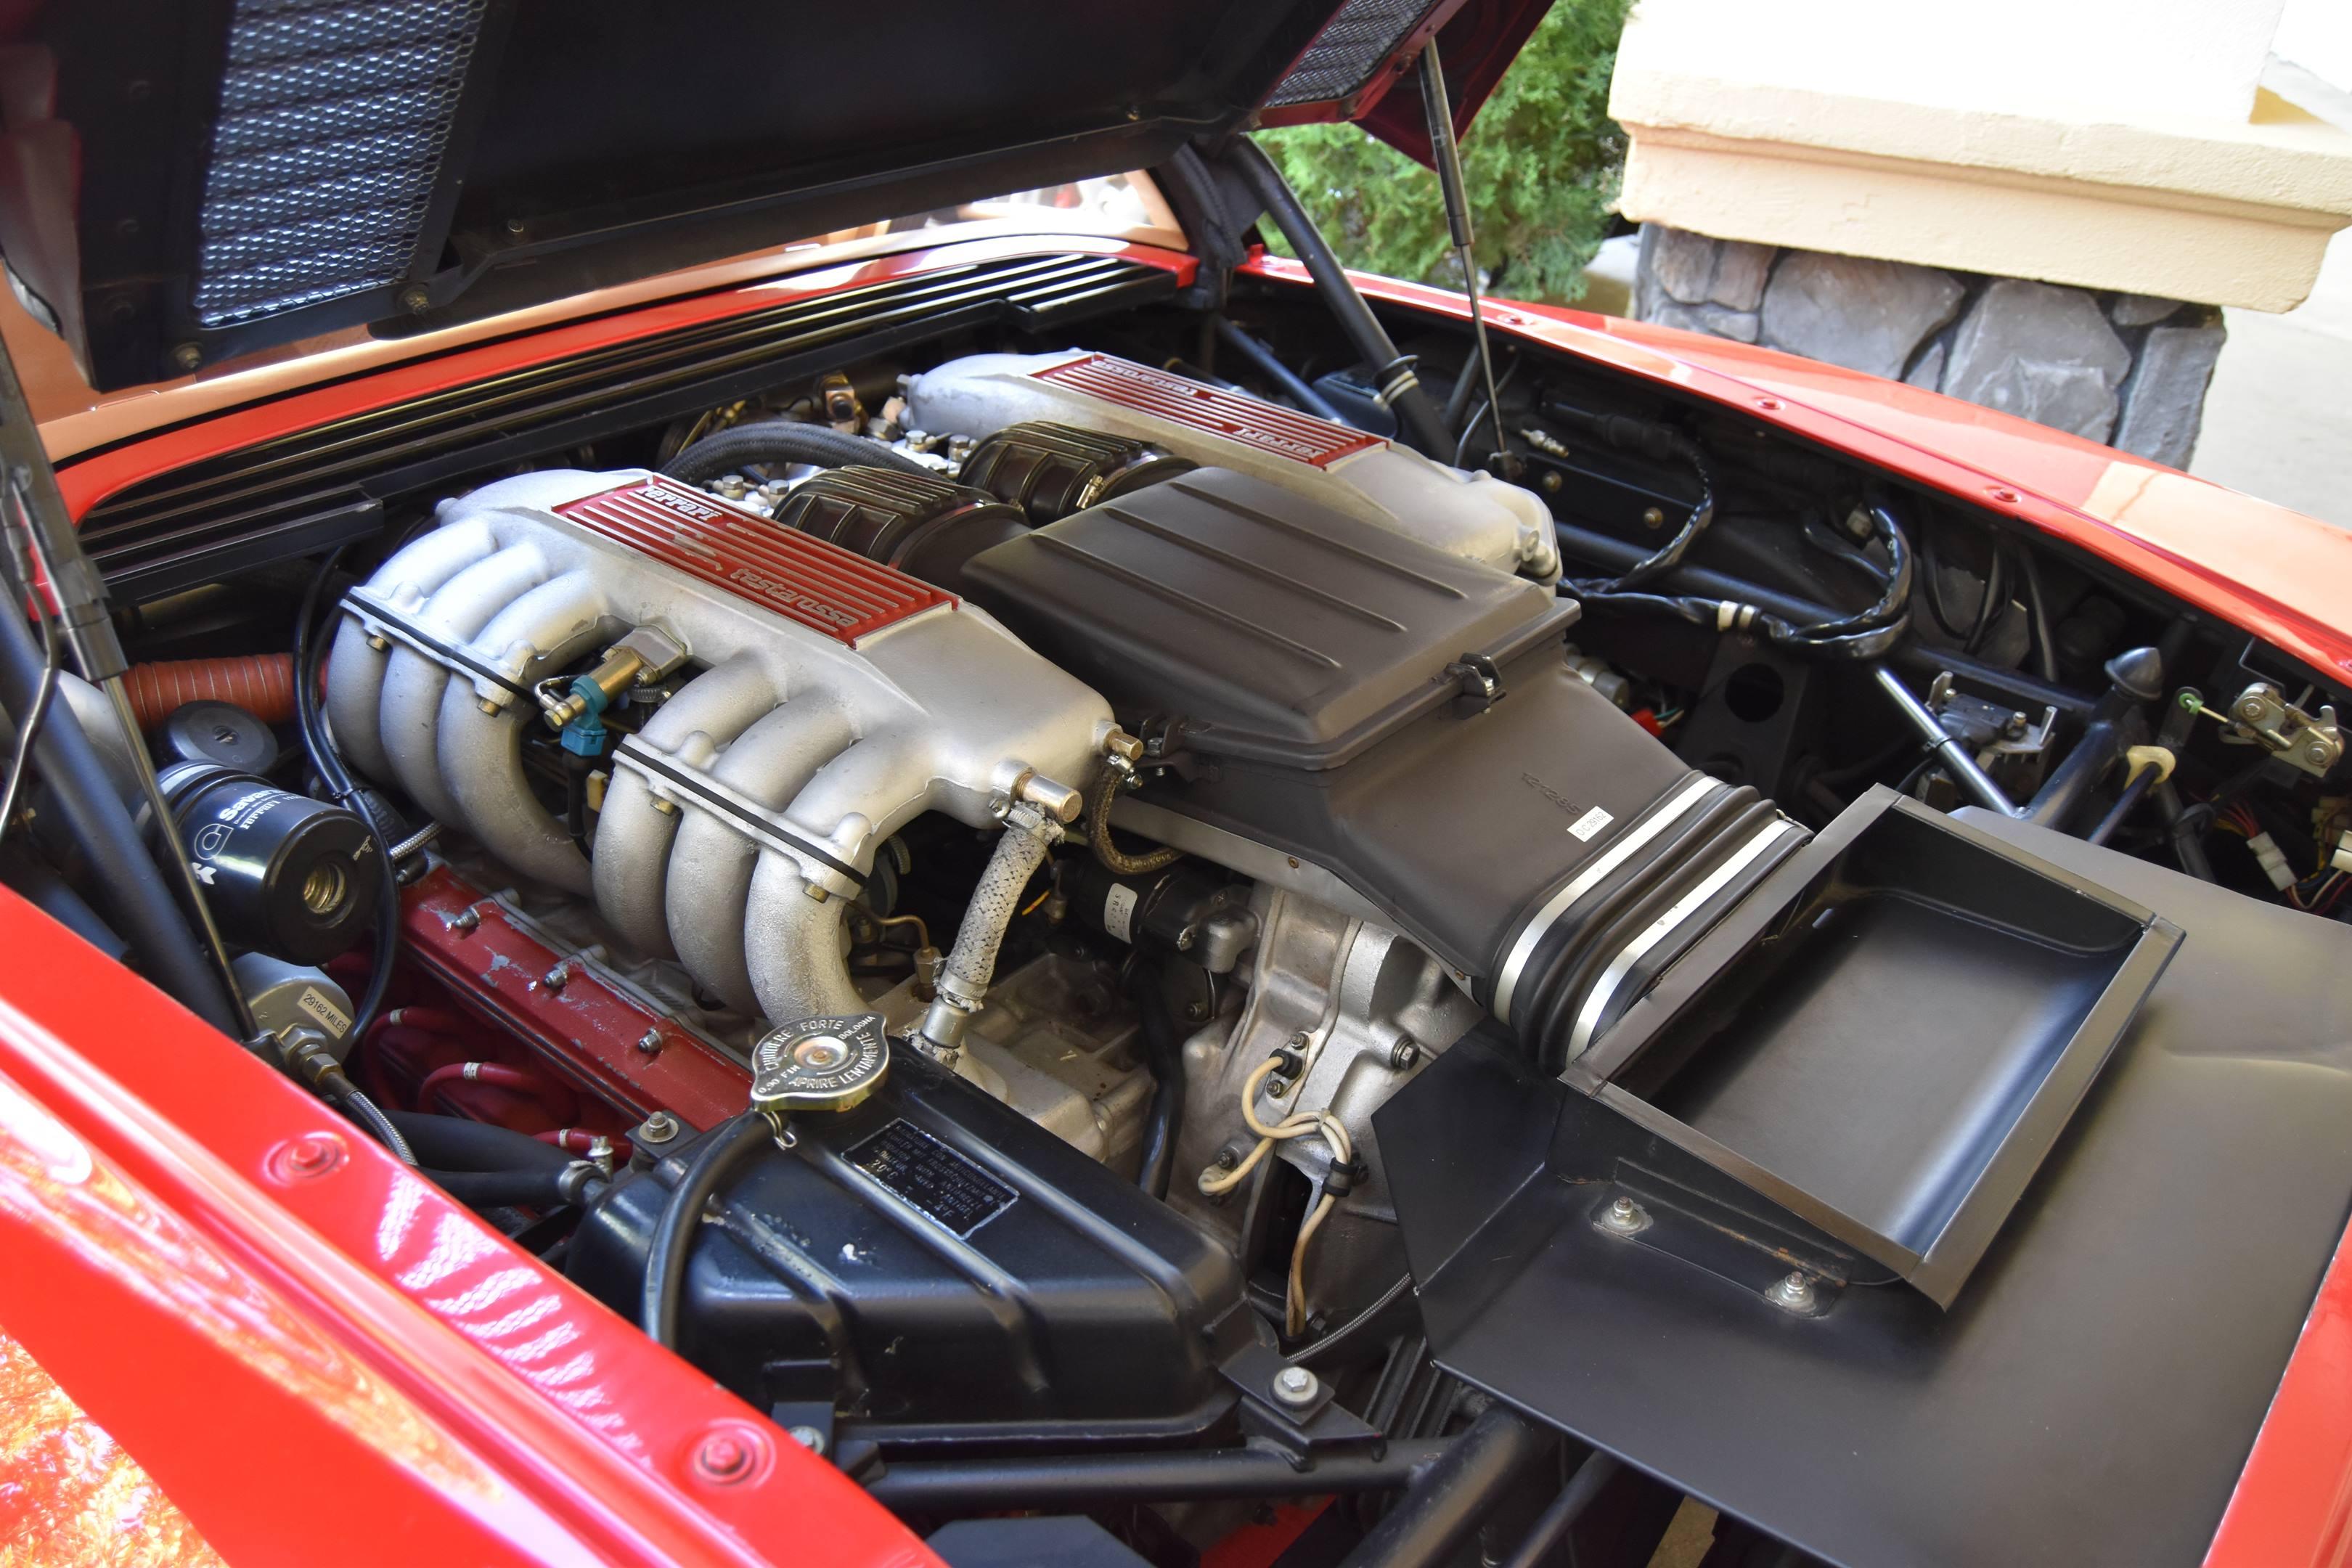 1985 Ferrari Testarossa engine